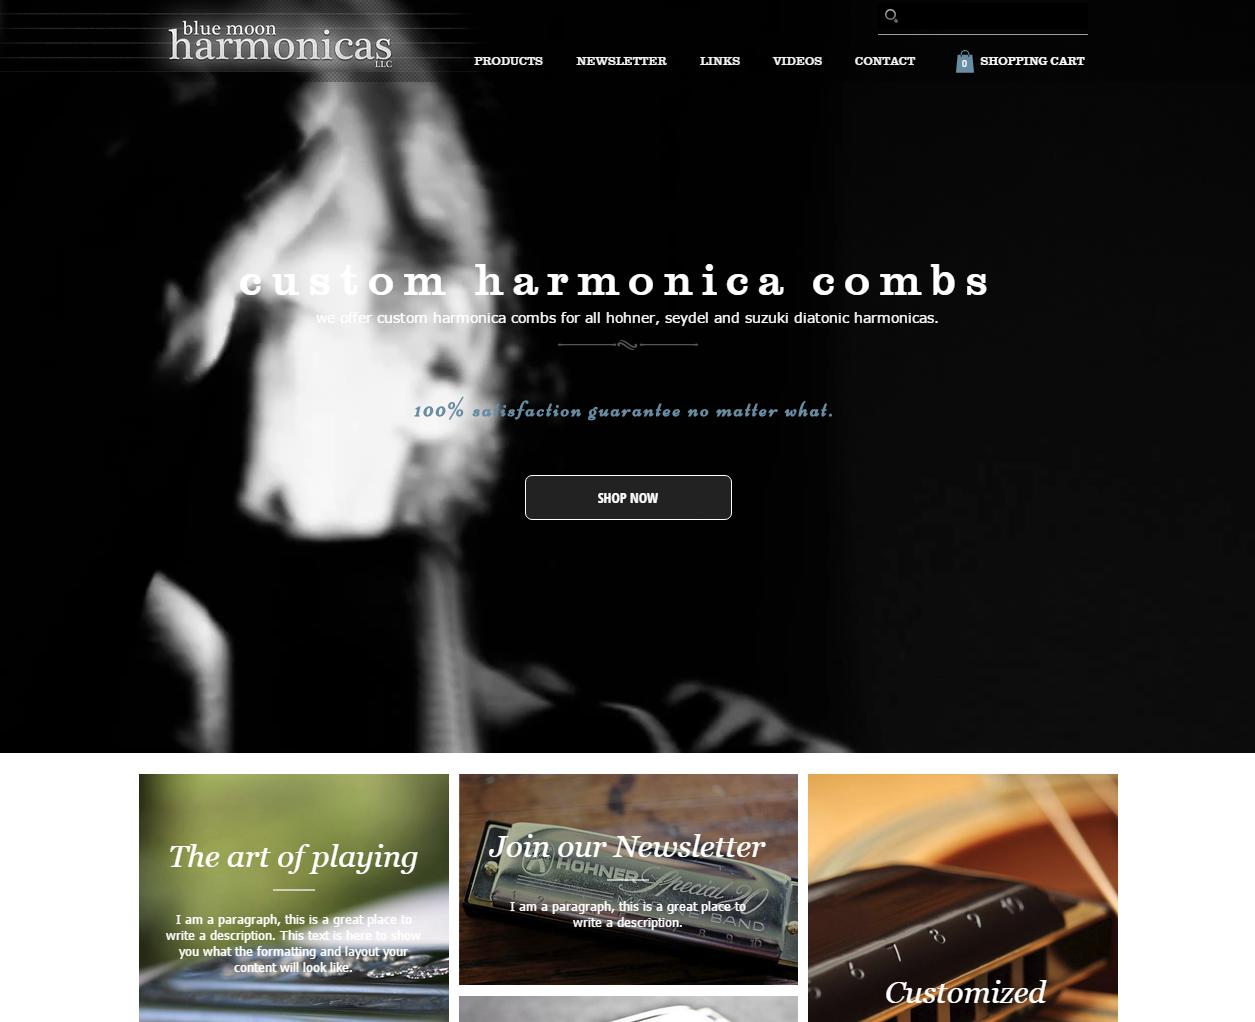 Harmonica Website